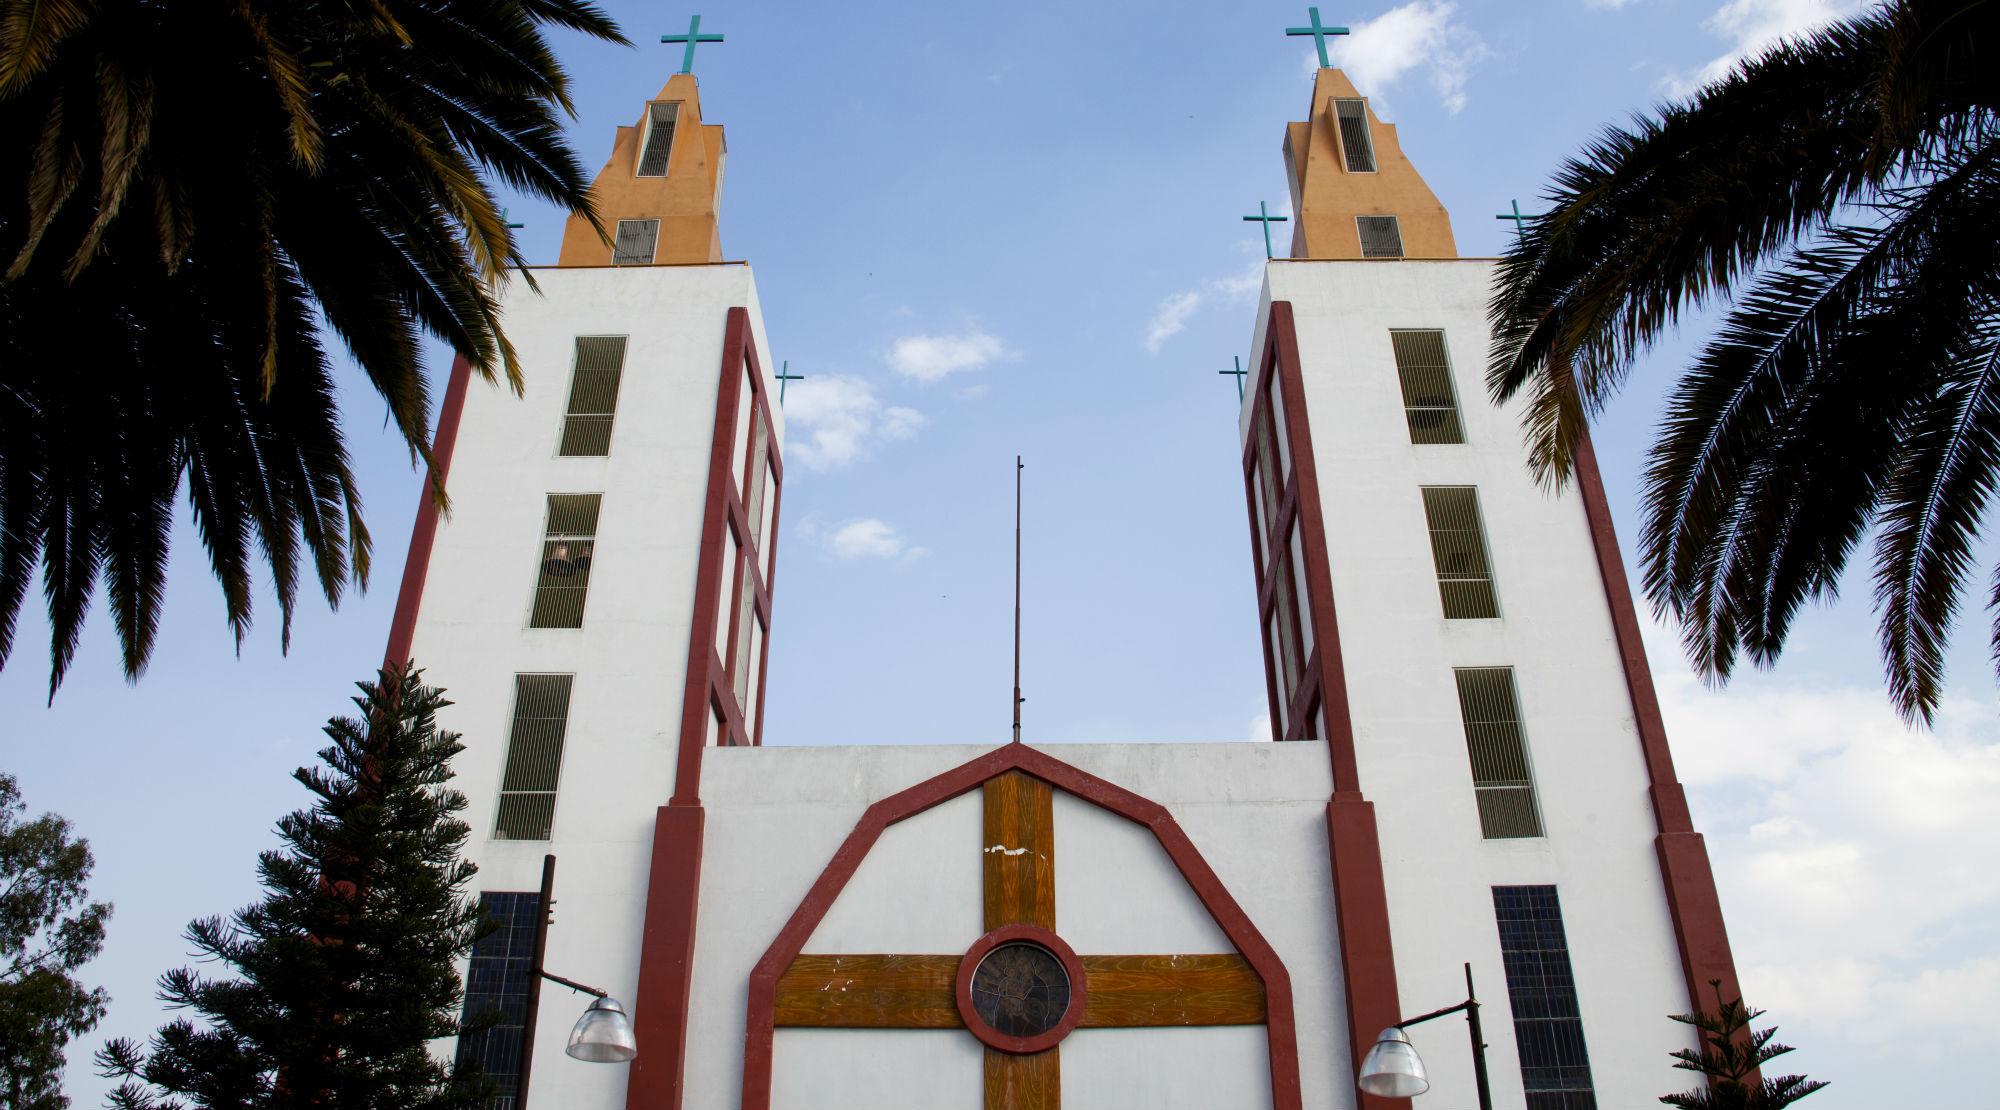 Parroquia de Nuestra Señora del Sagrado Corazón